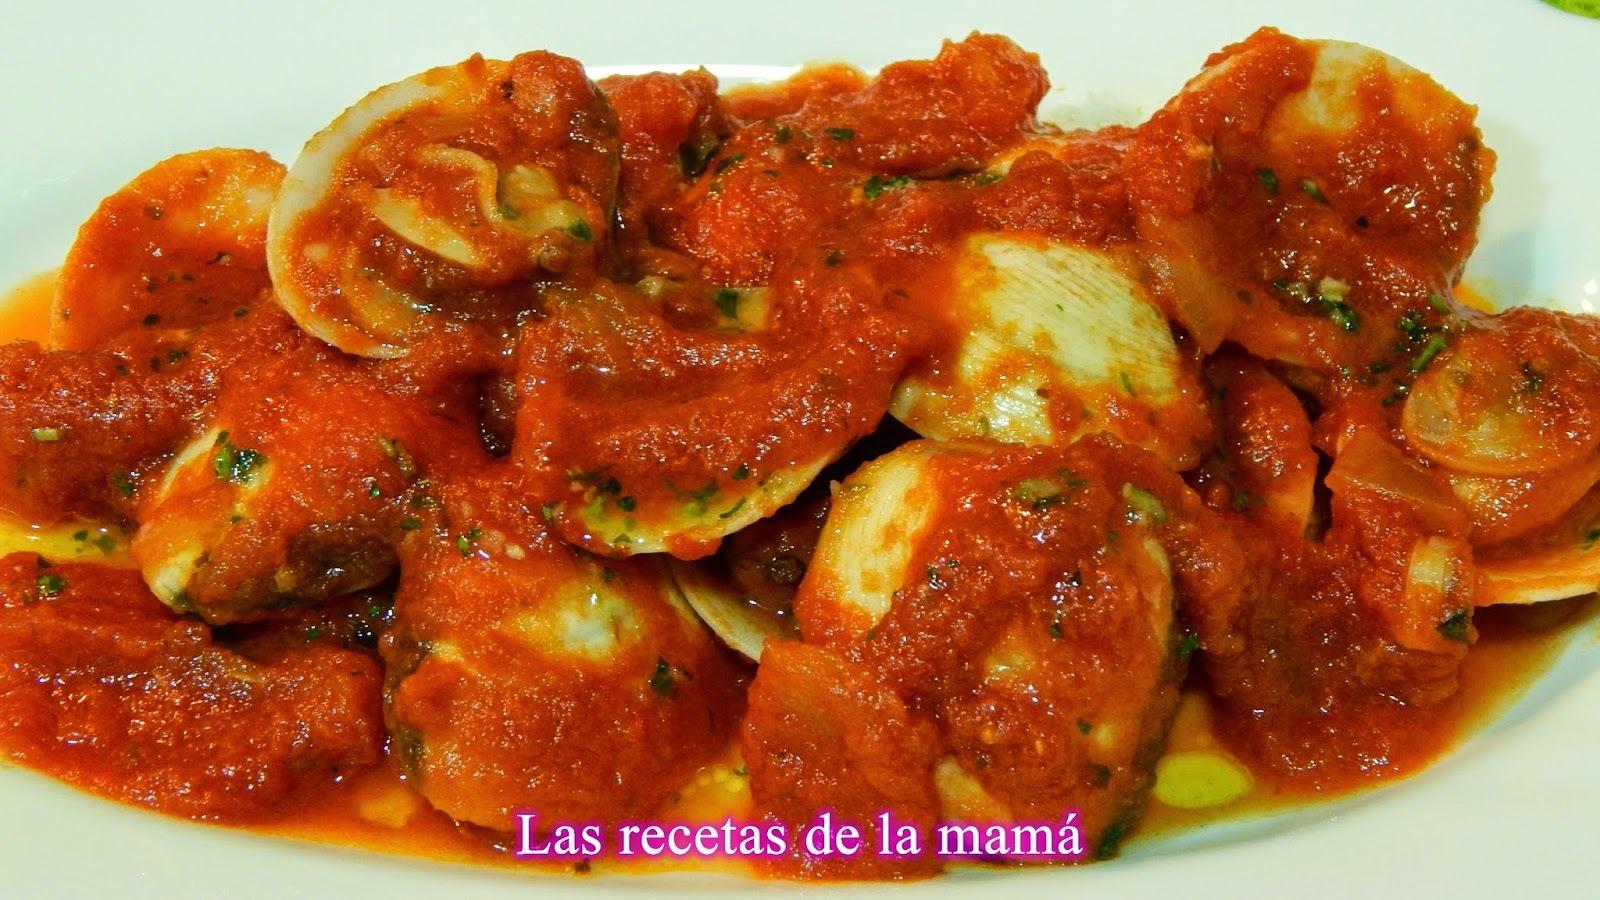 Receta de almejas con salsa de tomate